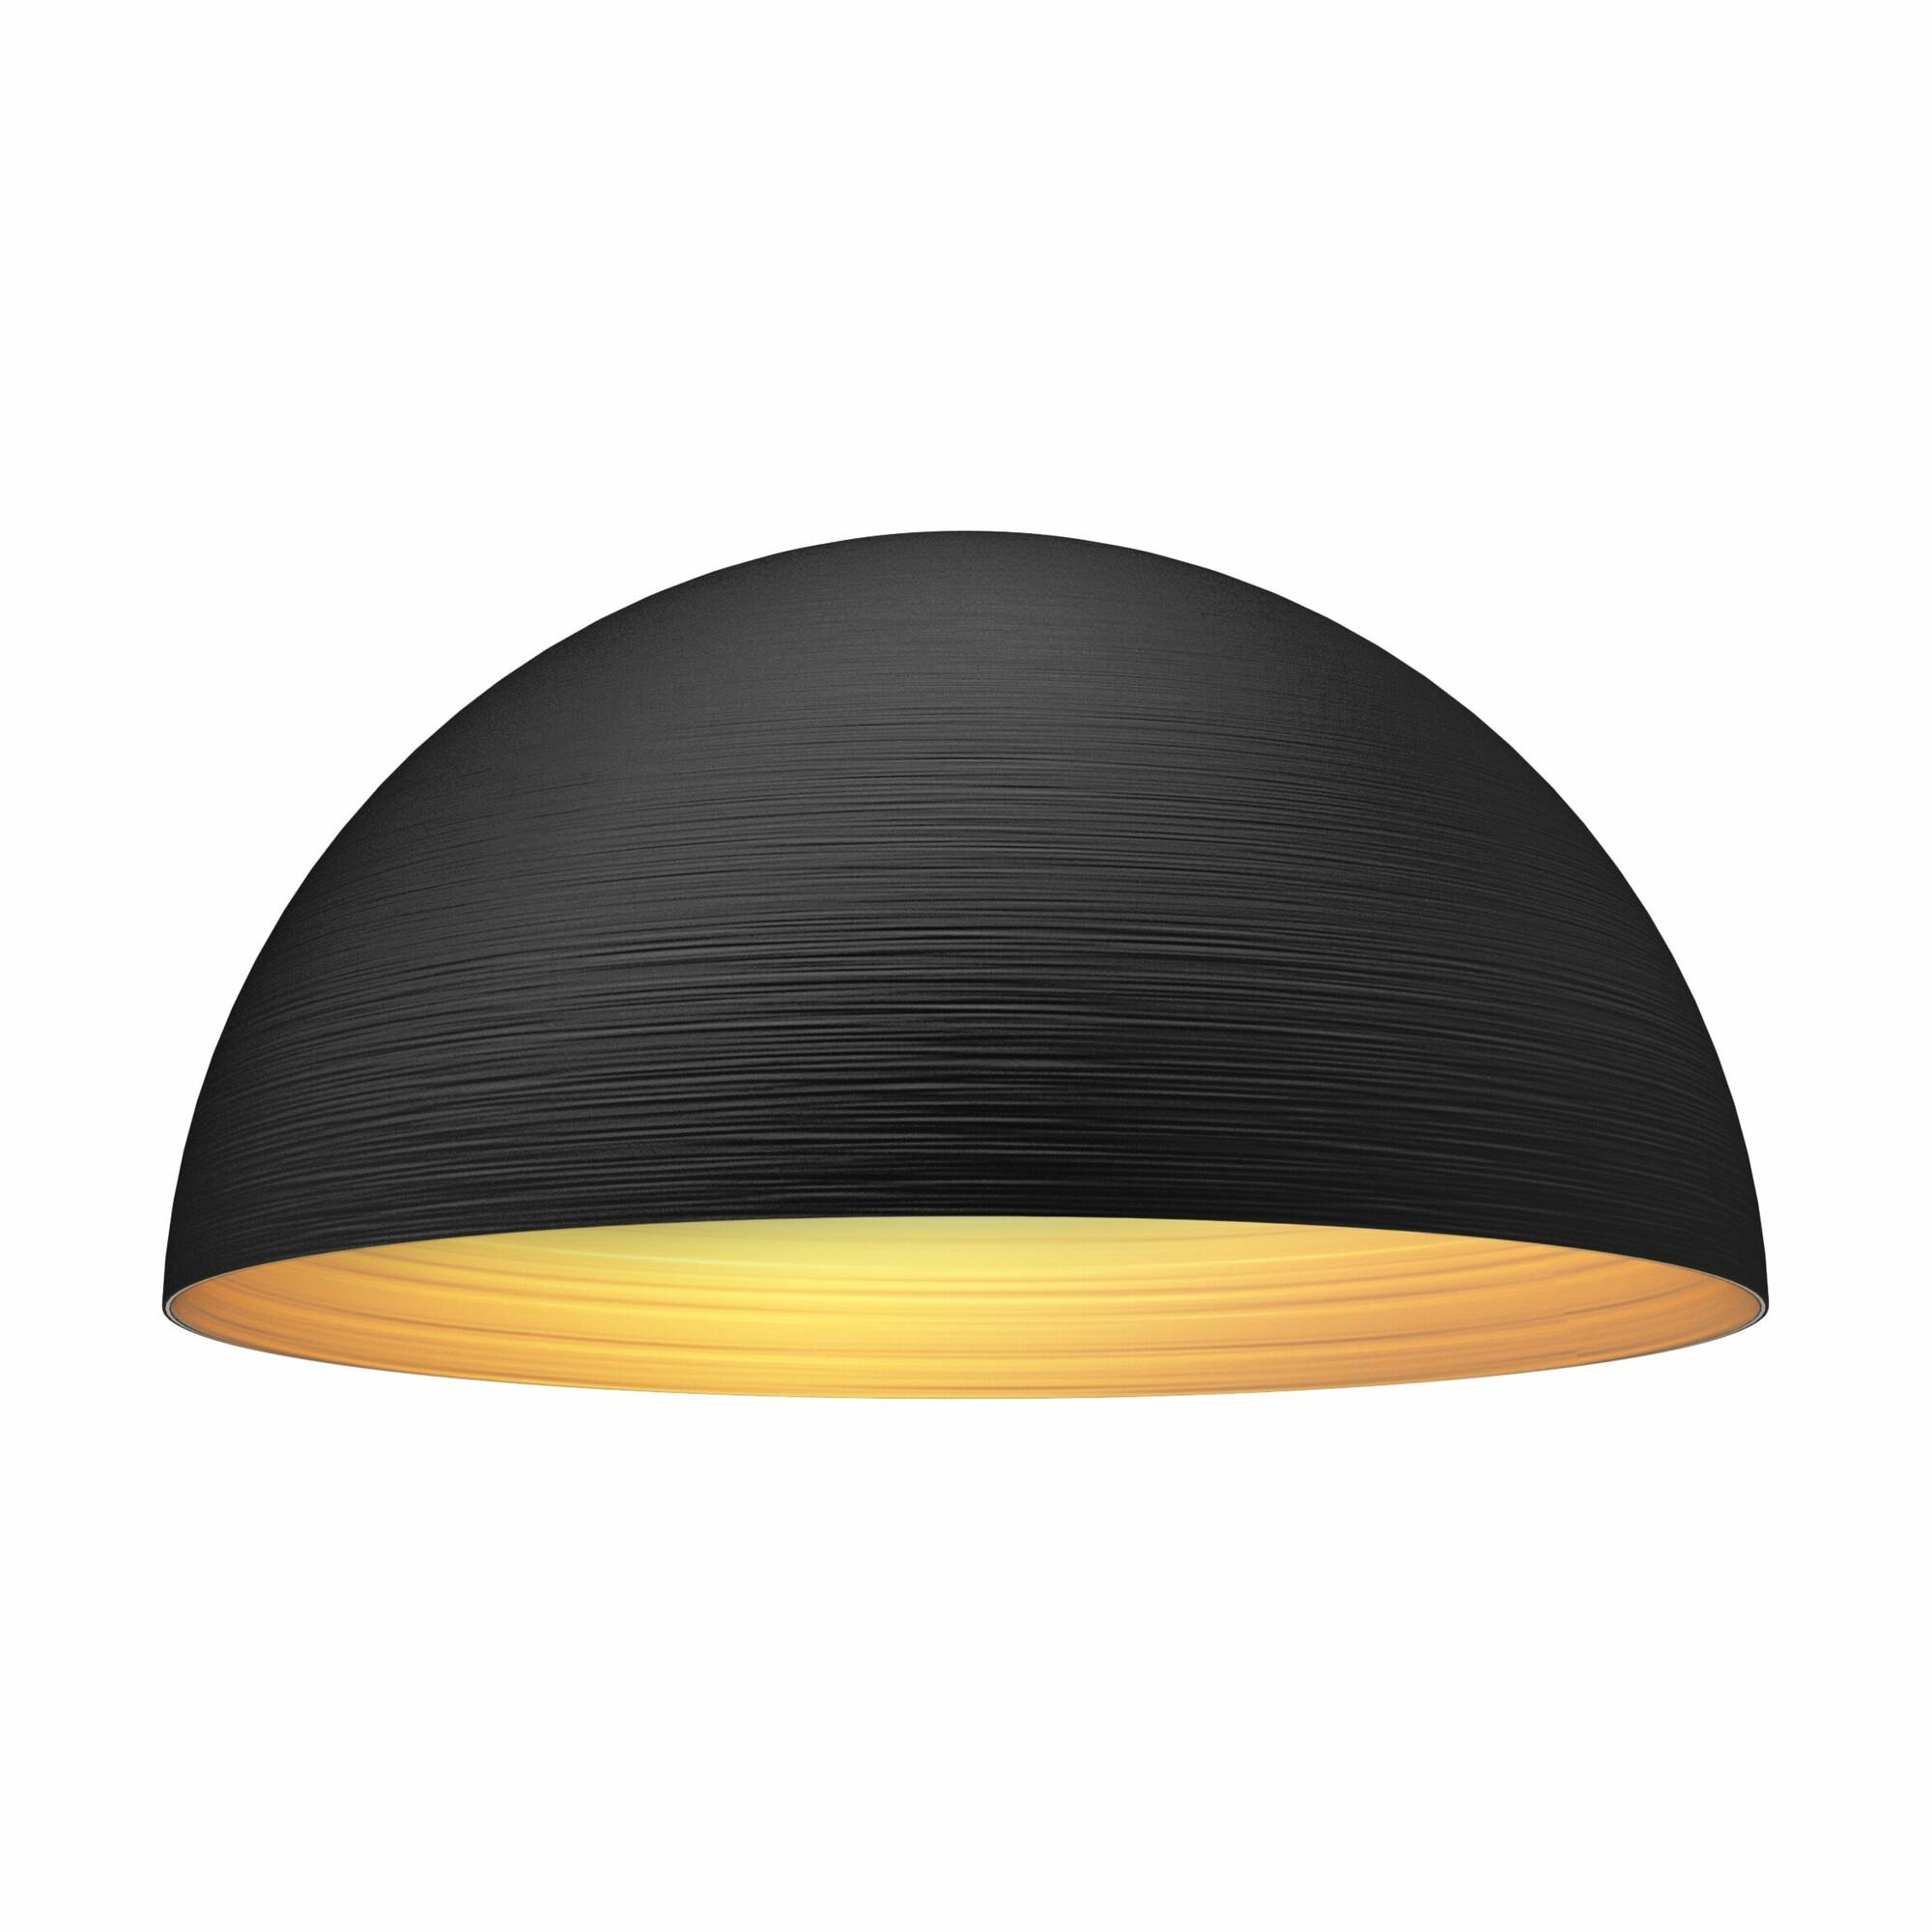 DOME Hanglamp E27 1x Zwart